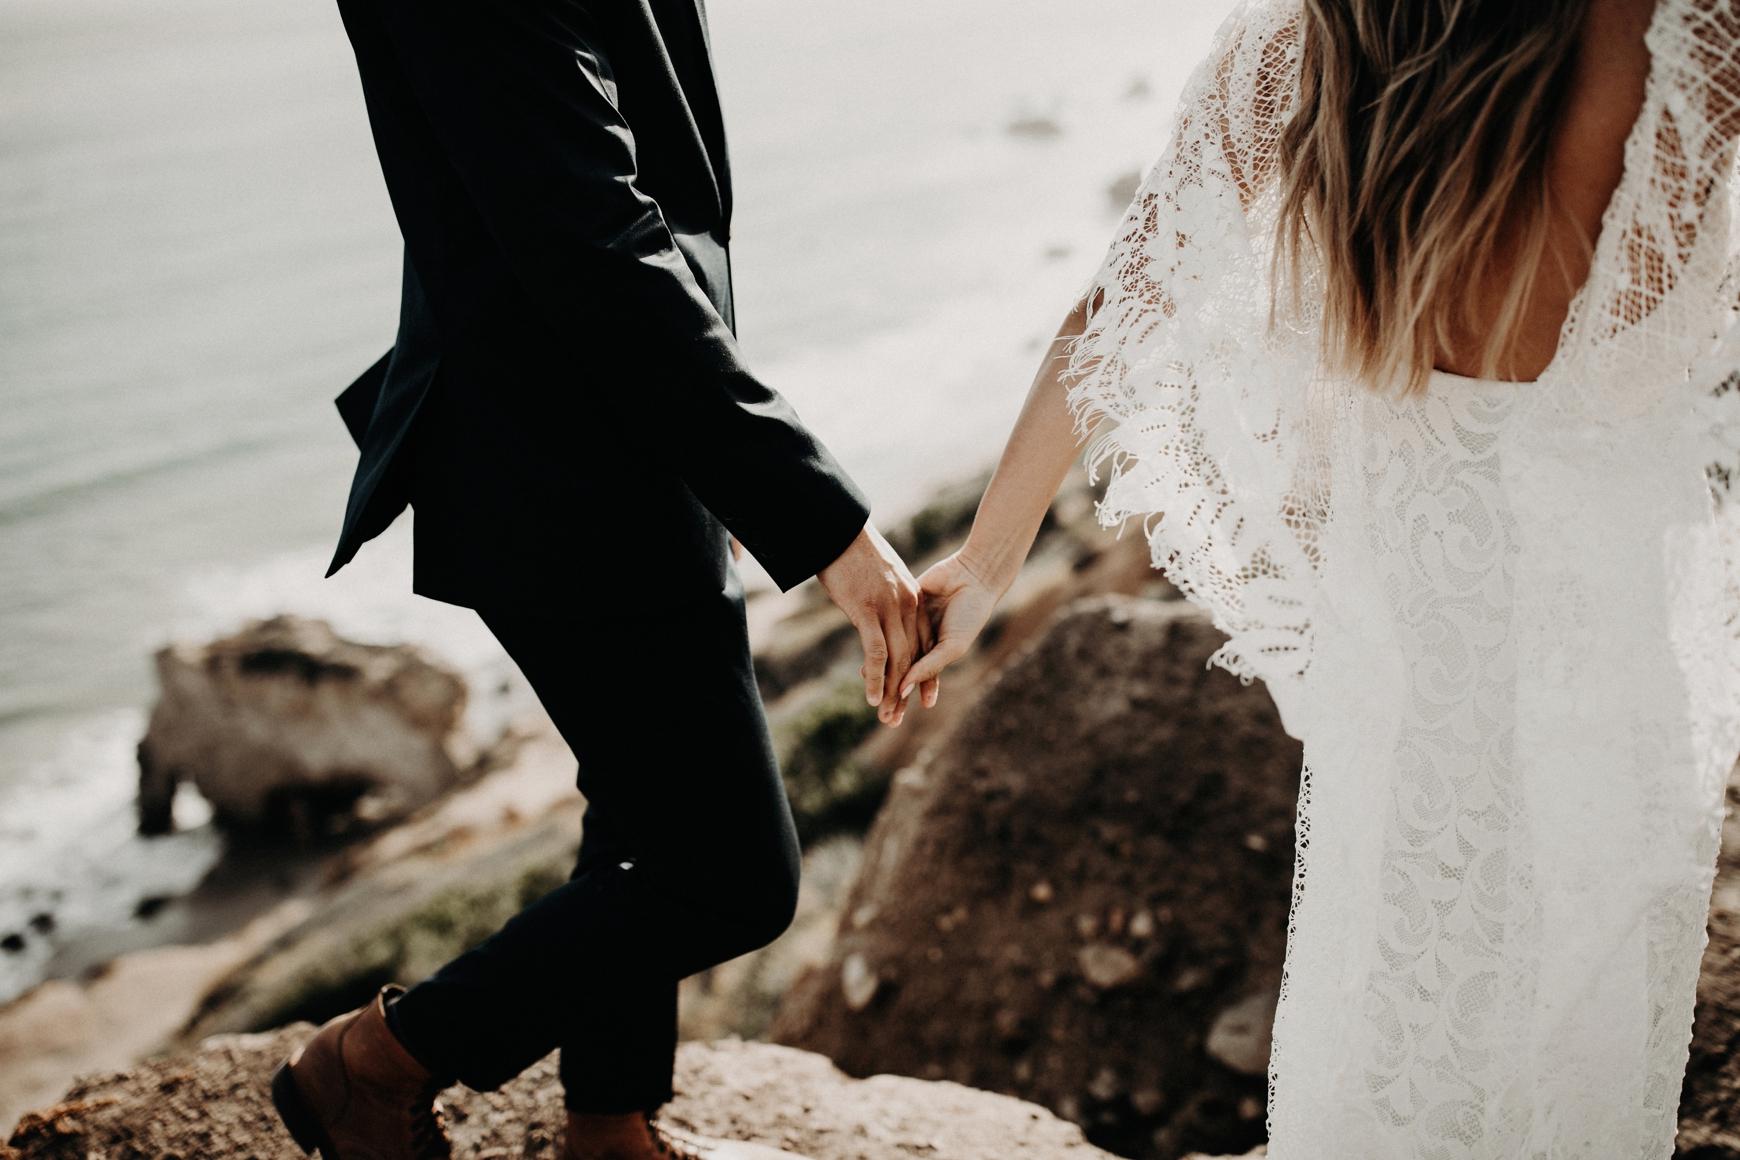 El Matador Beach Bridal Portraits Justellen & TJ Emily Magers Photography-58Emily Magers Photography.jpg